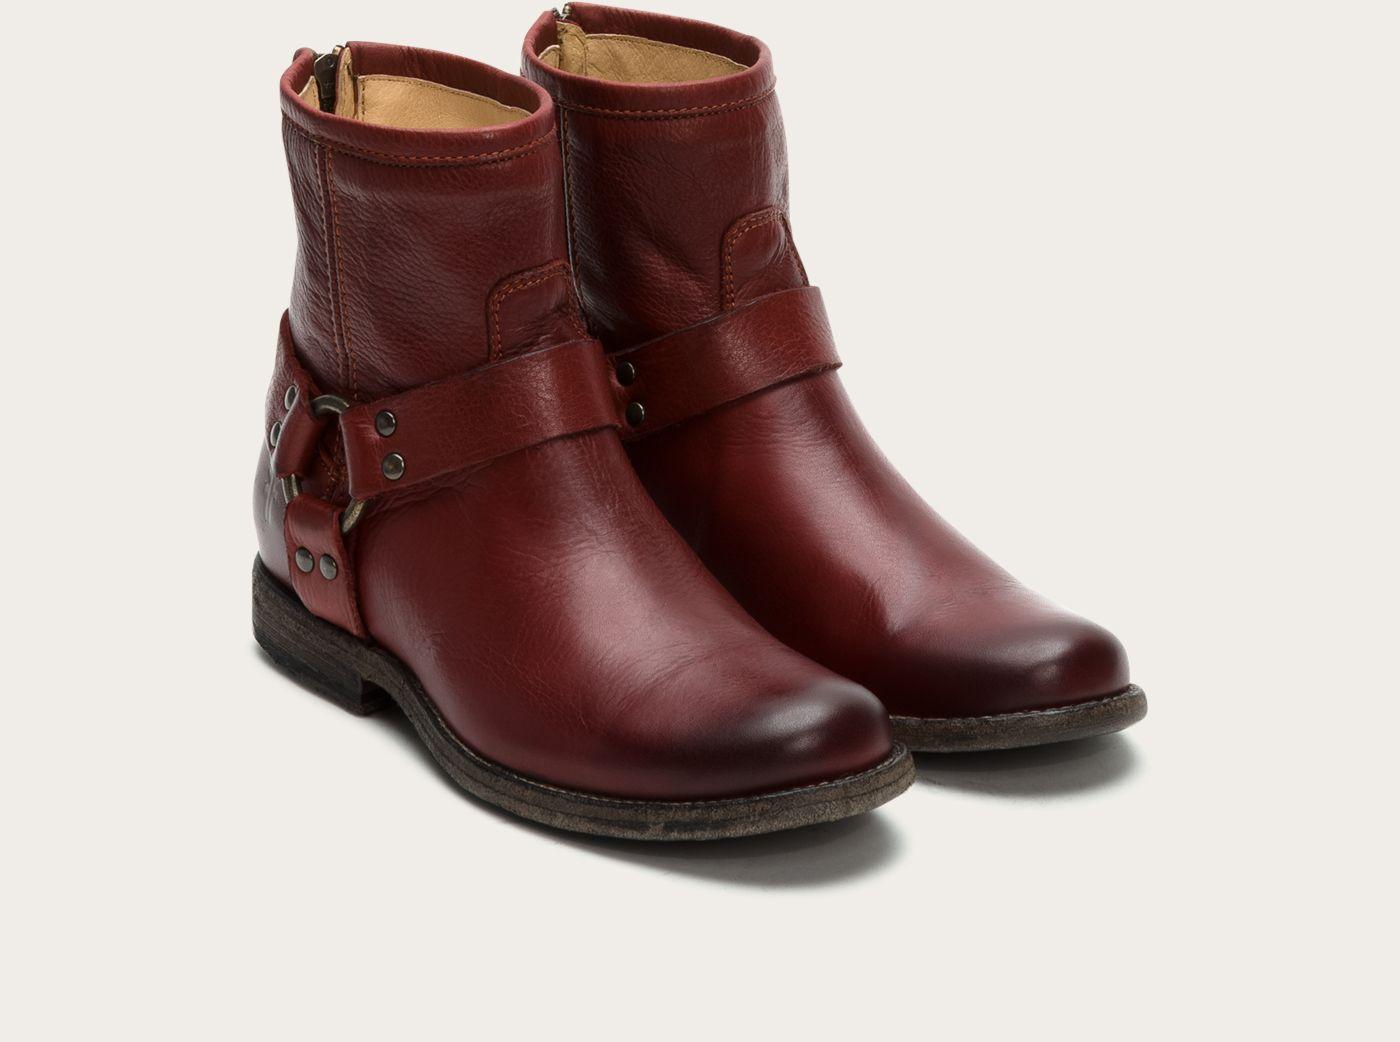 d20e0703e4da391d90b95fc8468fcf50 frye phillip harness cognac shoes and bags pinterest bag